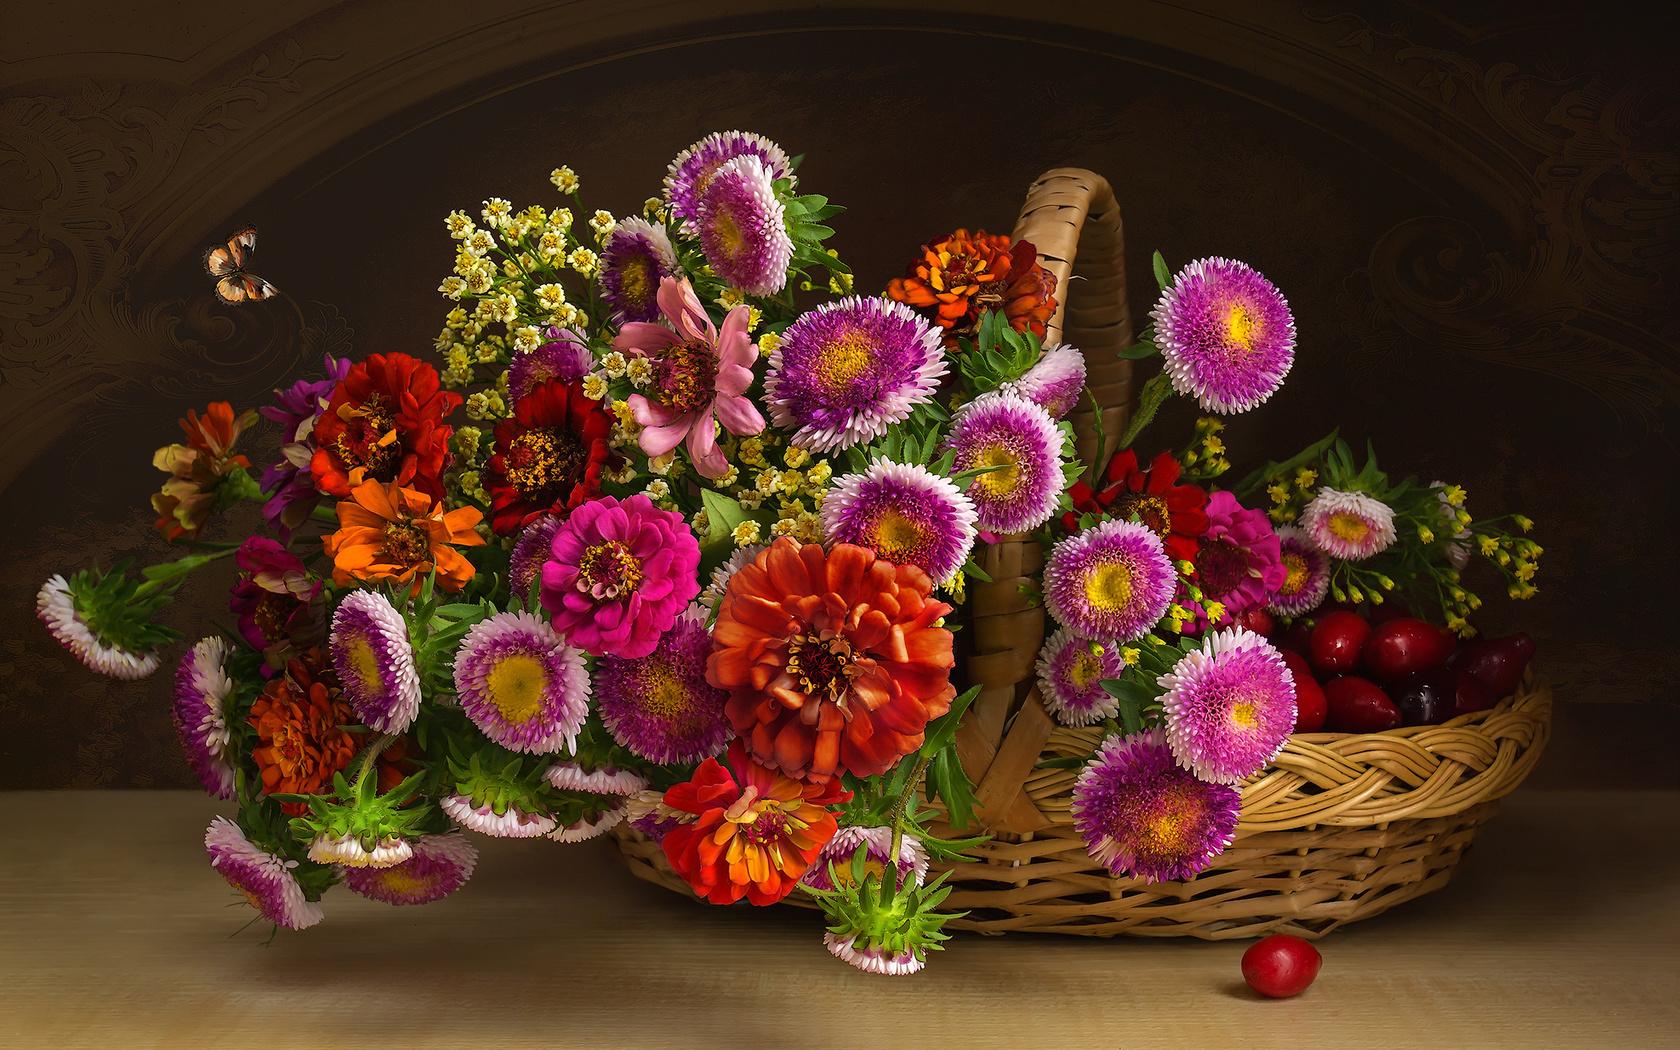 Поздравление друга картинка с цветами